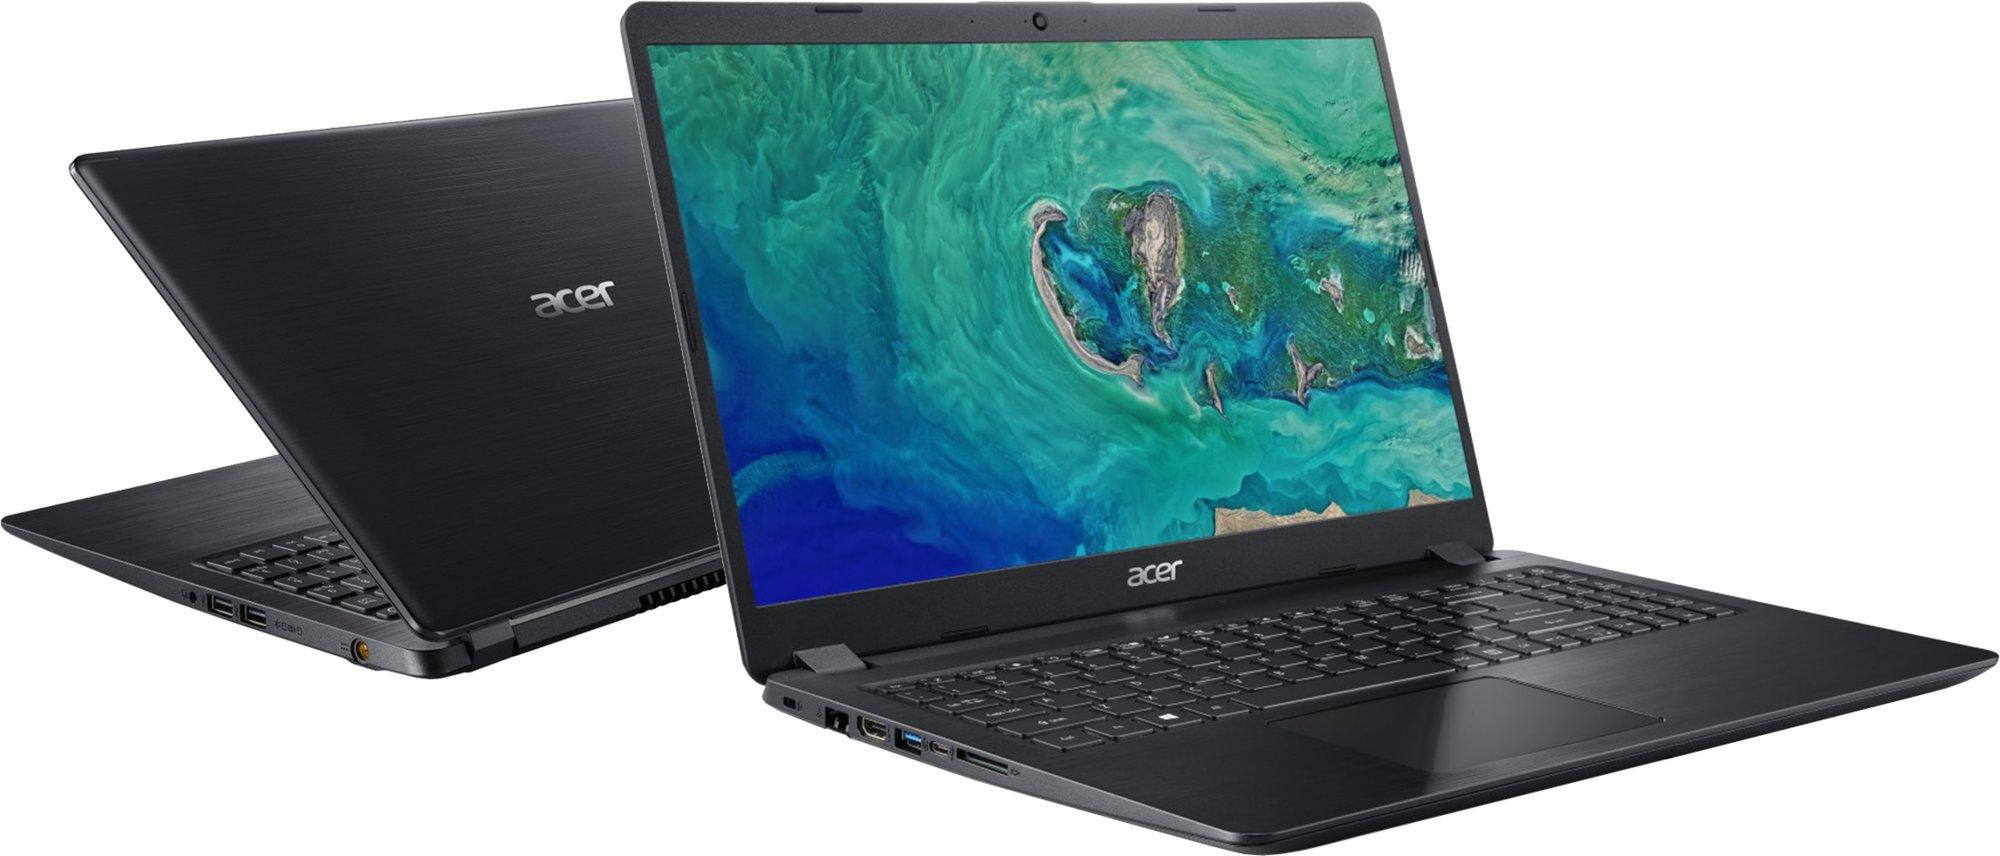 Acer Aspire 5 A515-52G-54F5